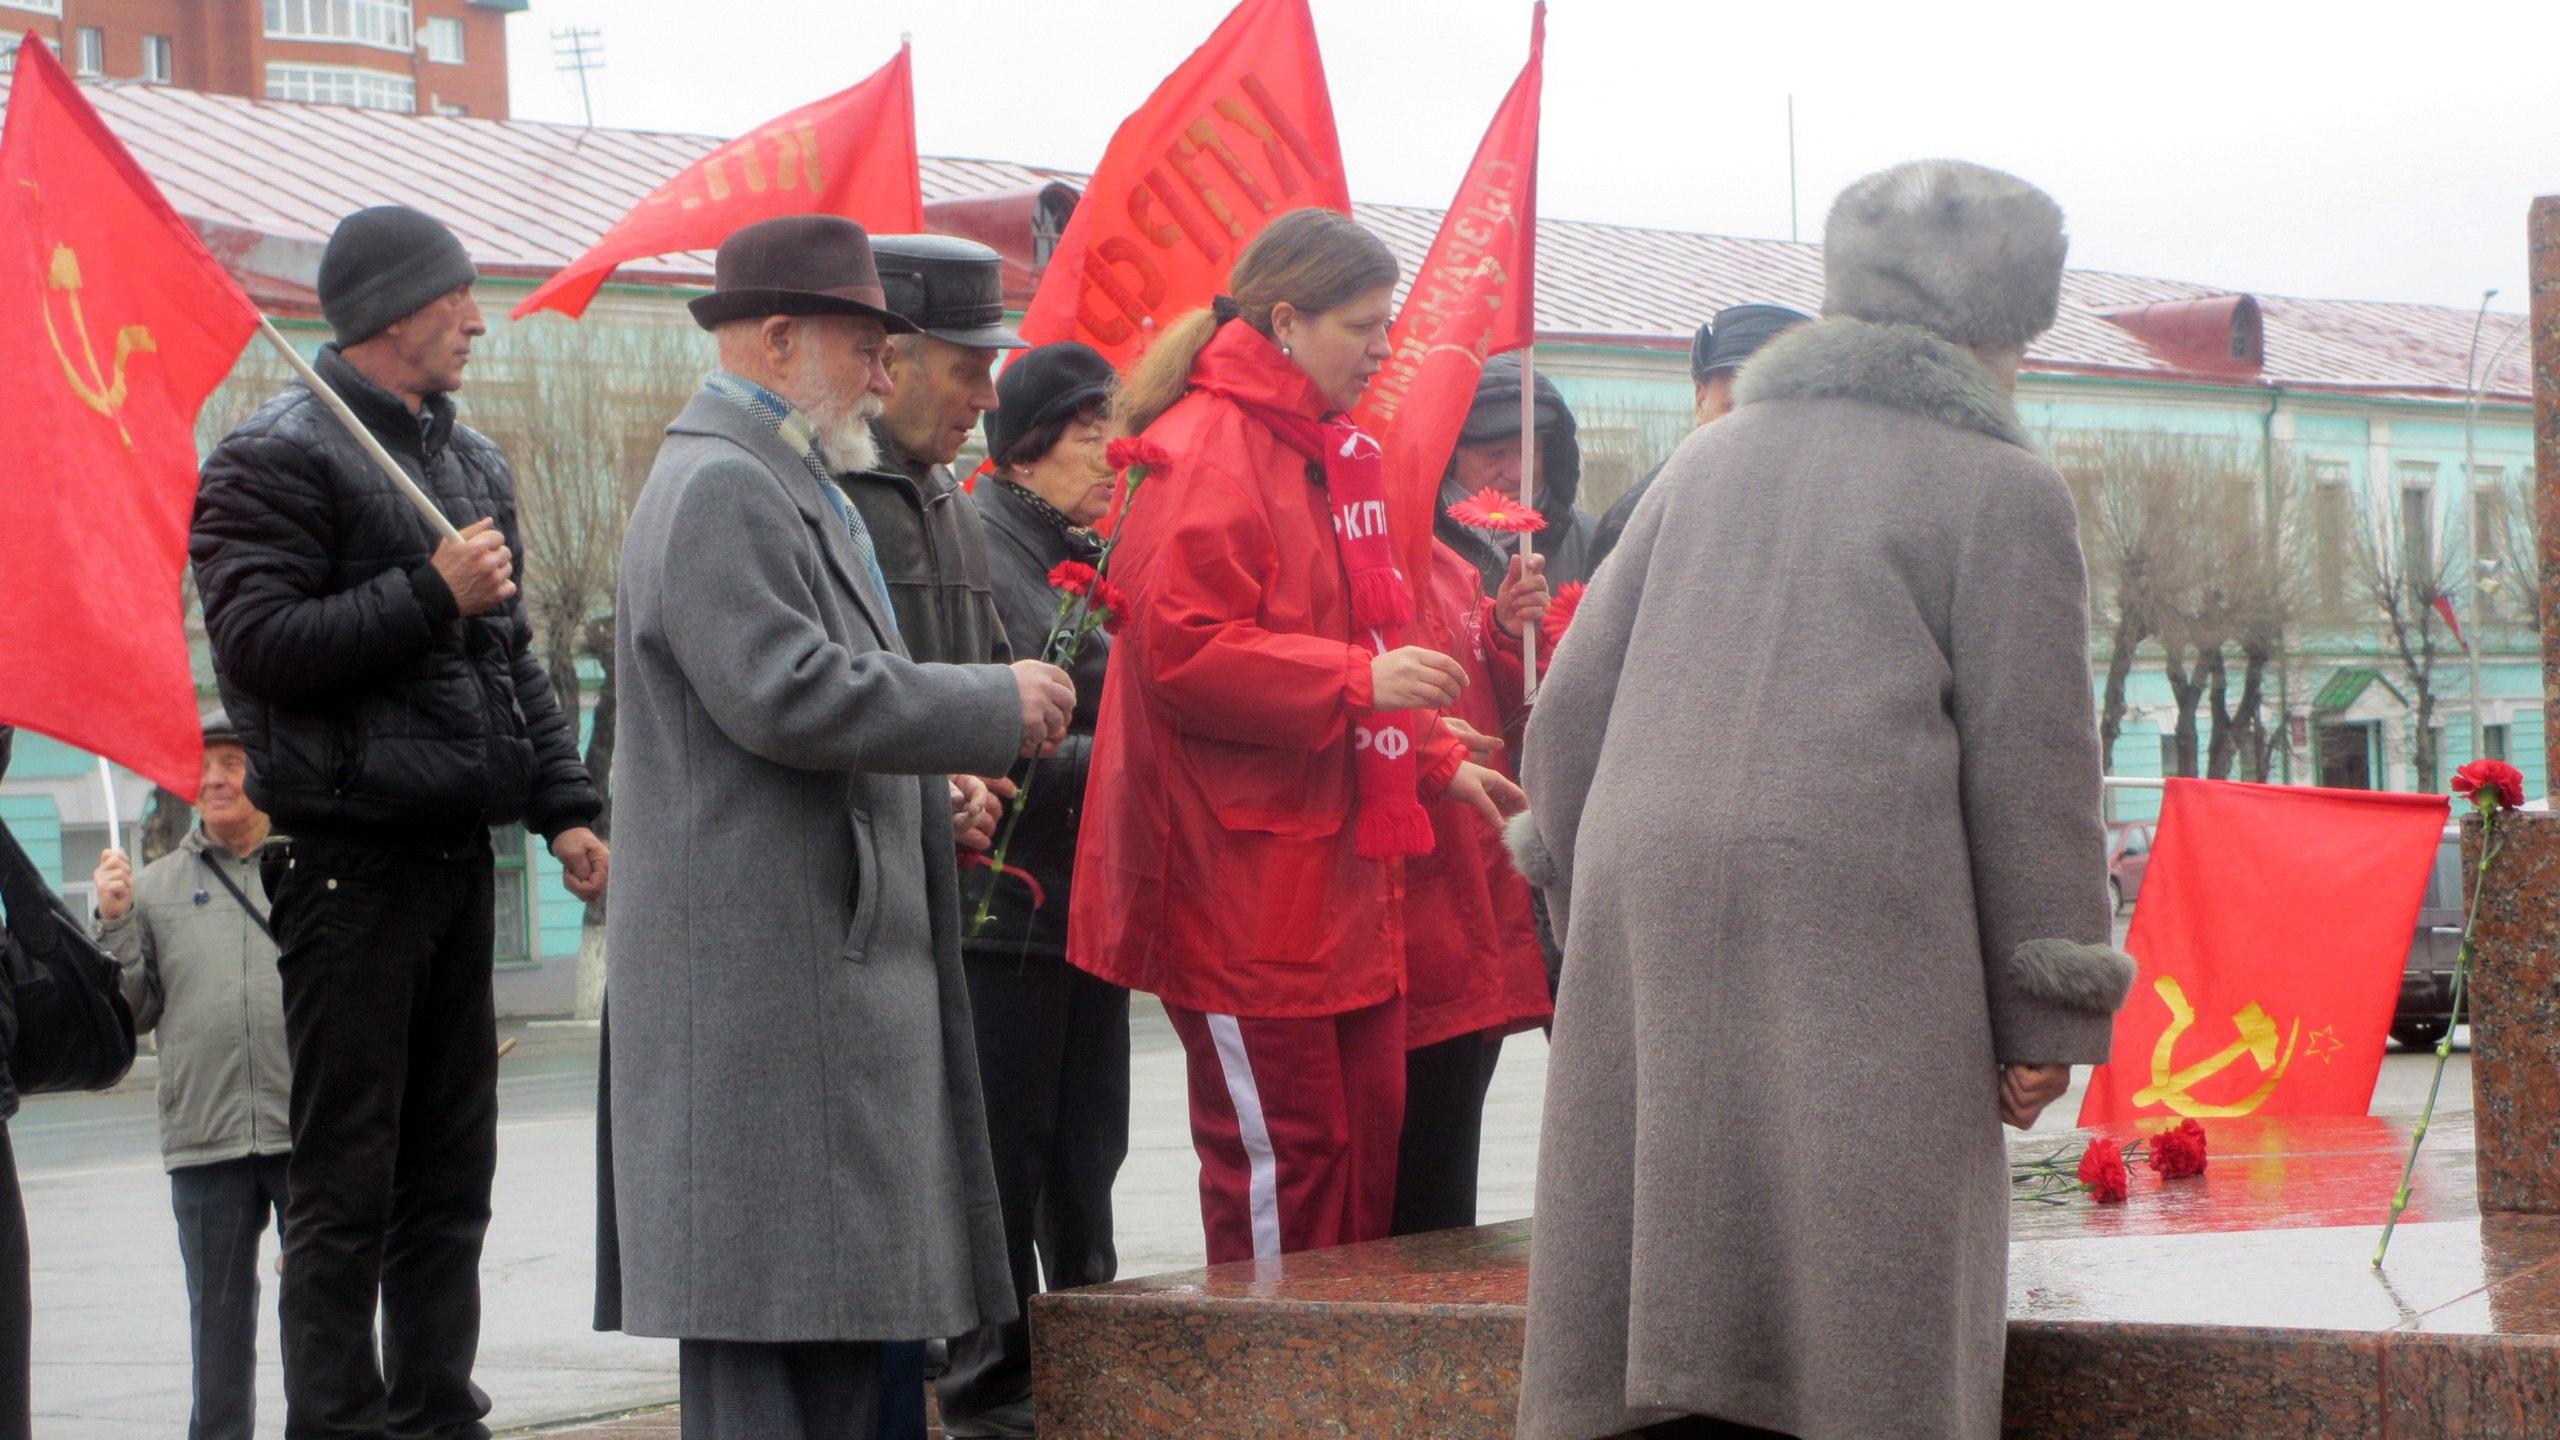 Сызрань КПРФ 22.04.17